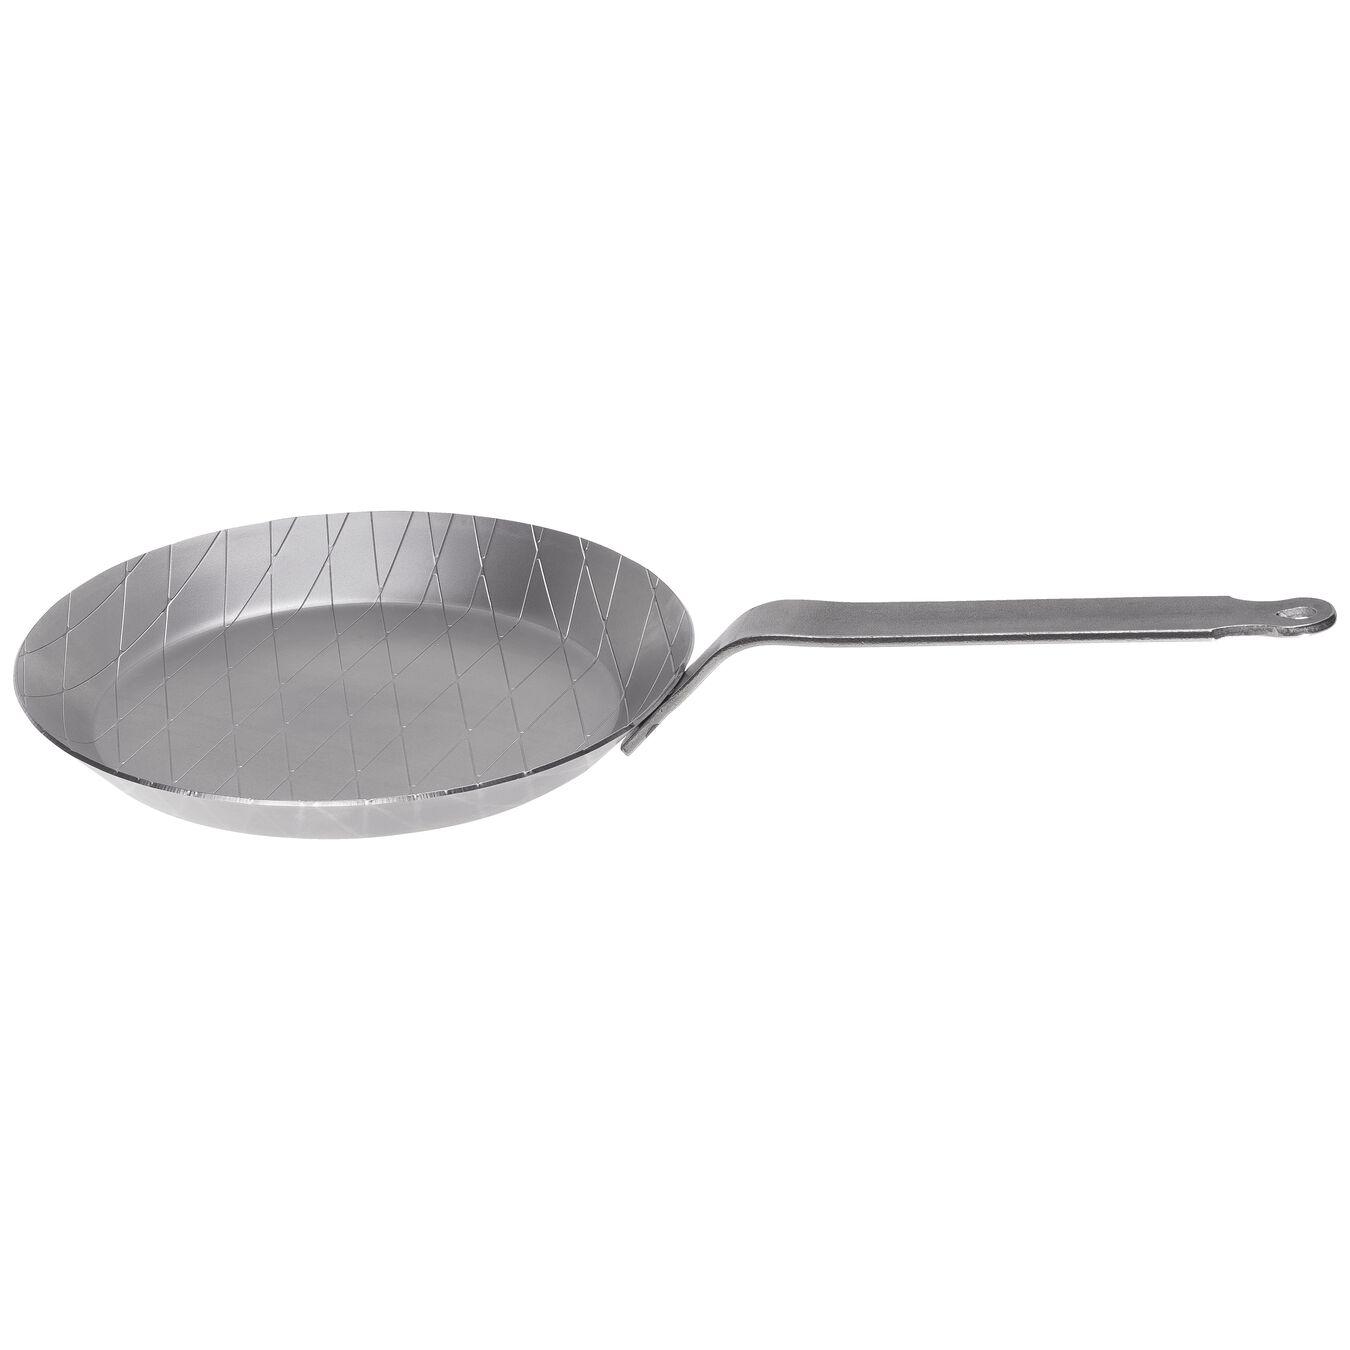 24 cm Carbon steel Poêle,,large 1